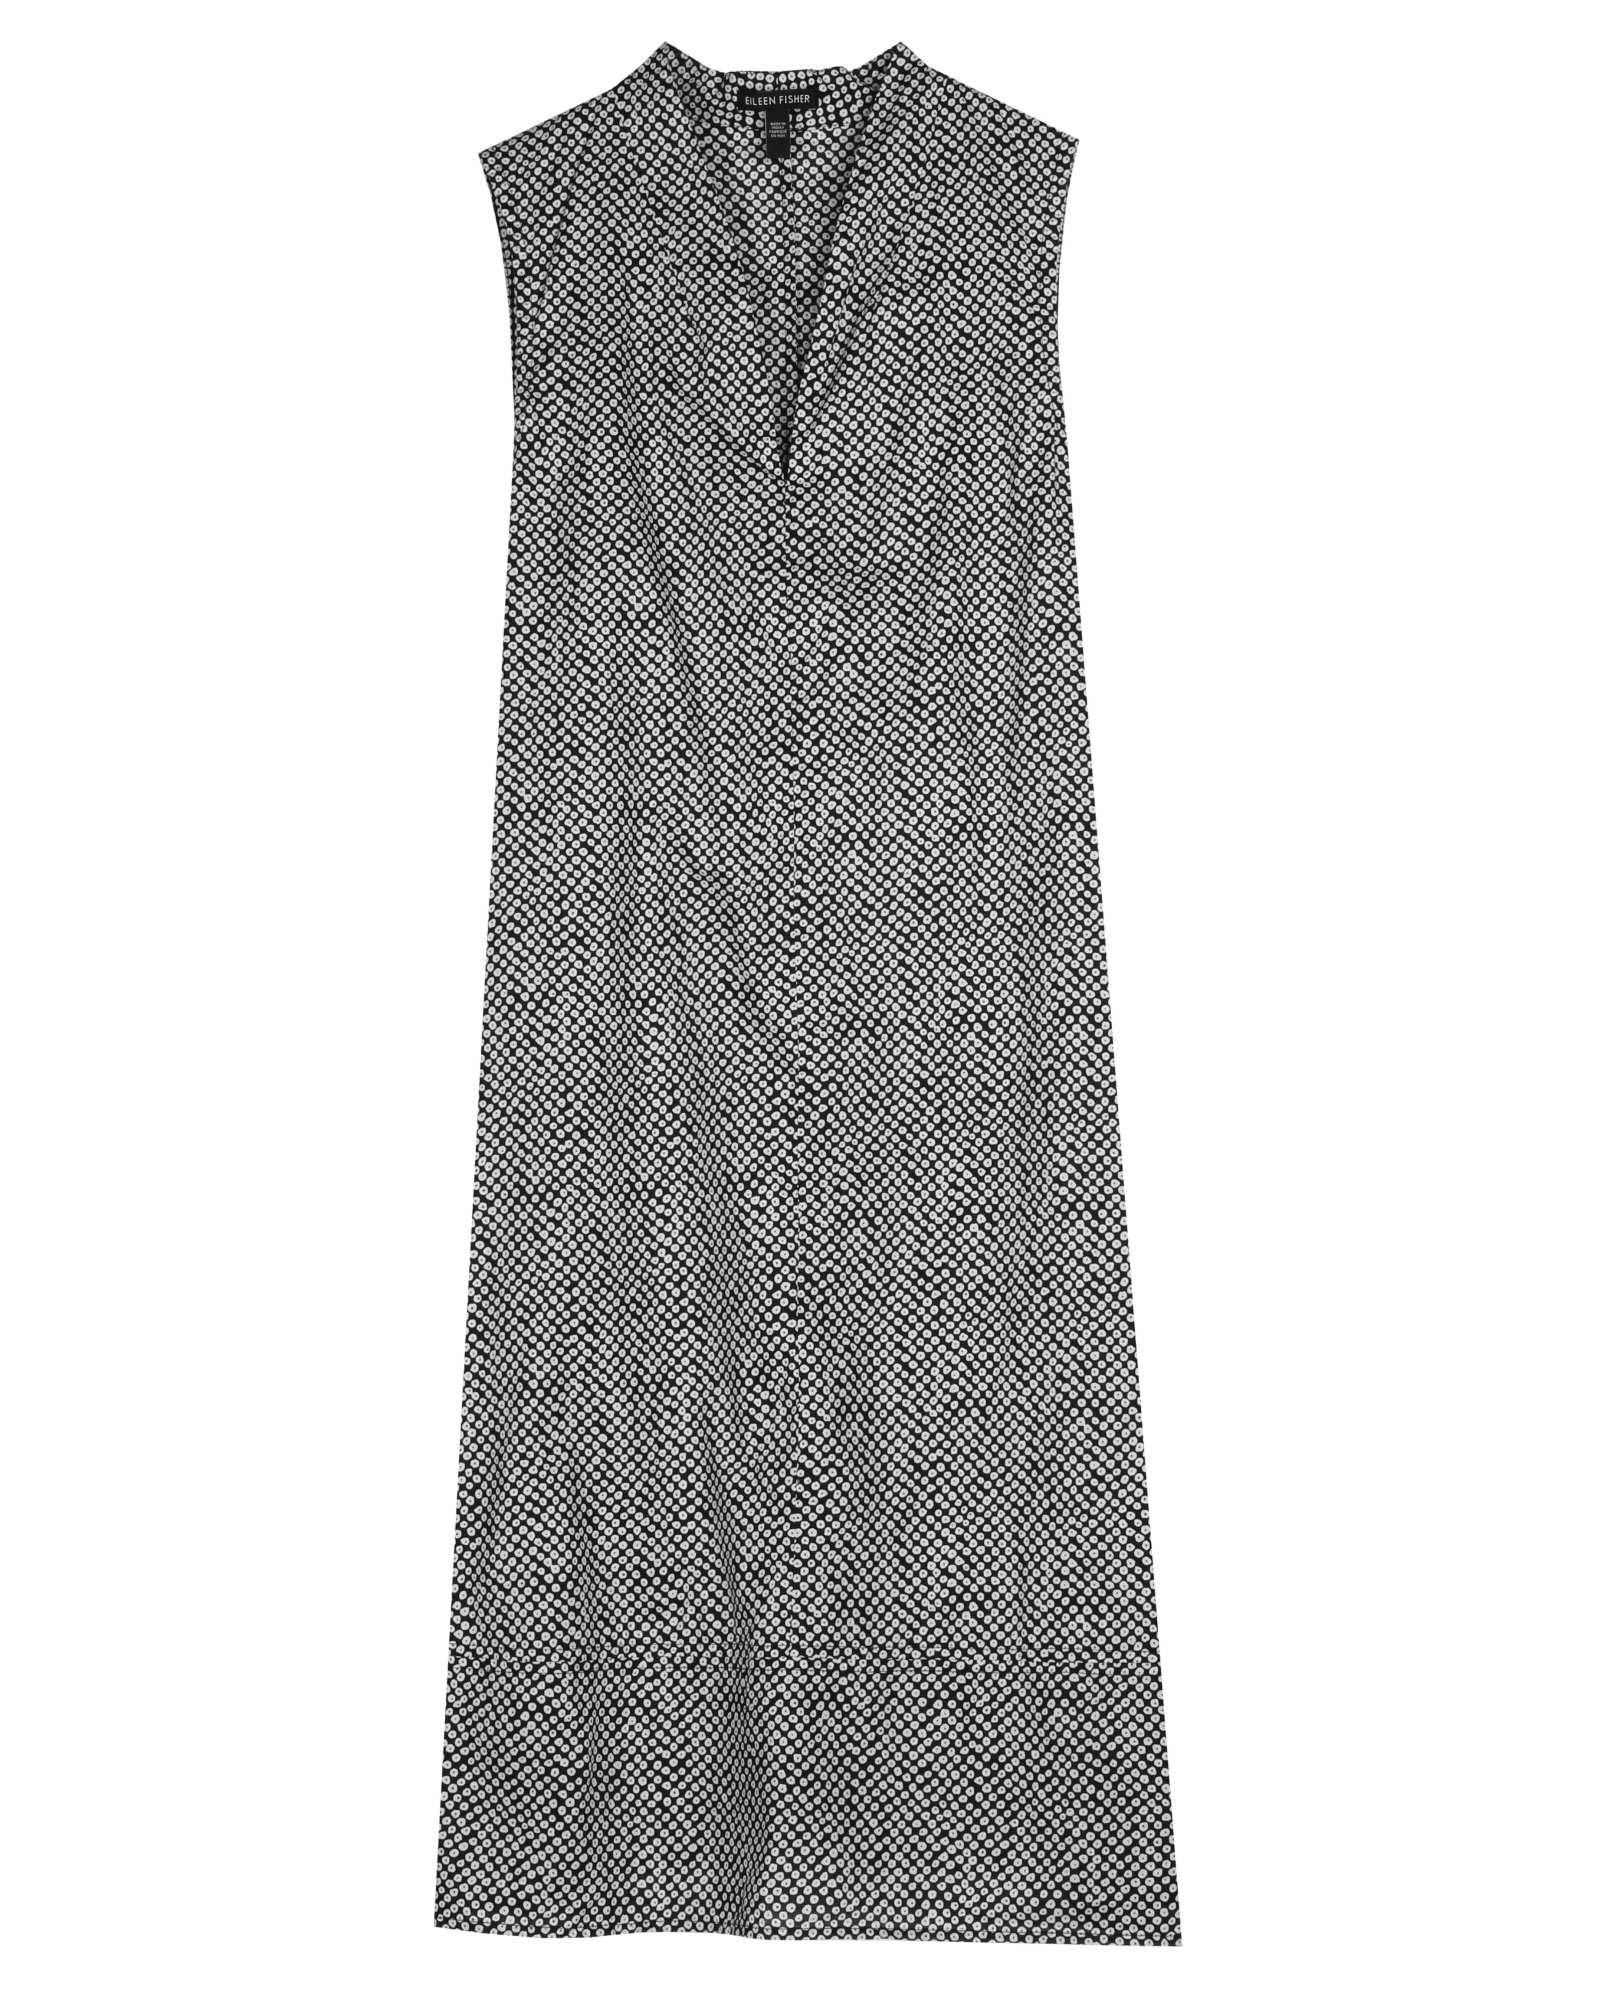 Bandhini Print Cotton Dress